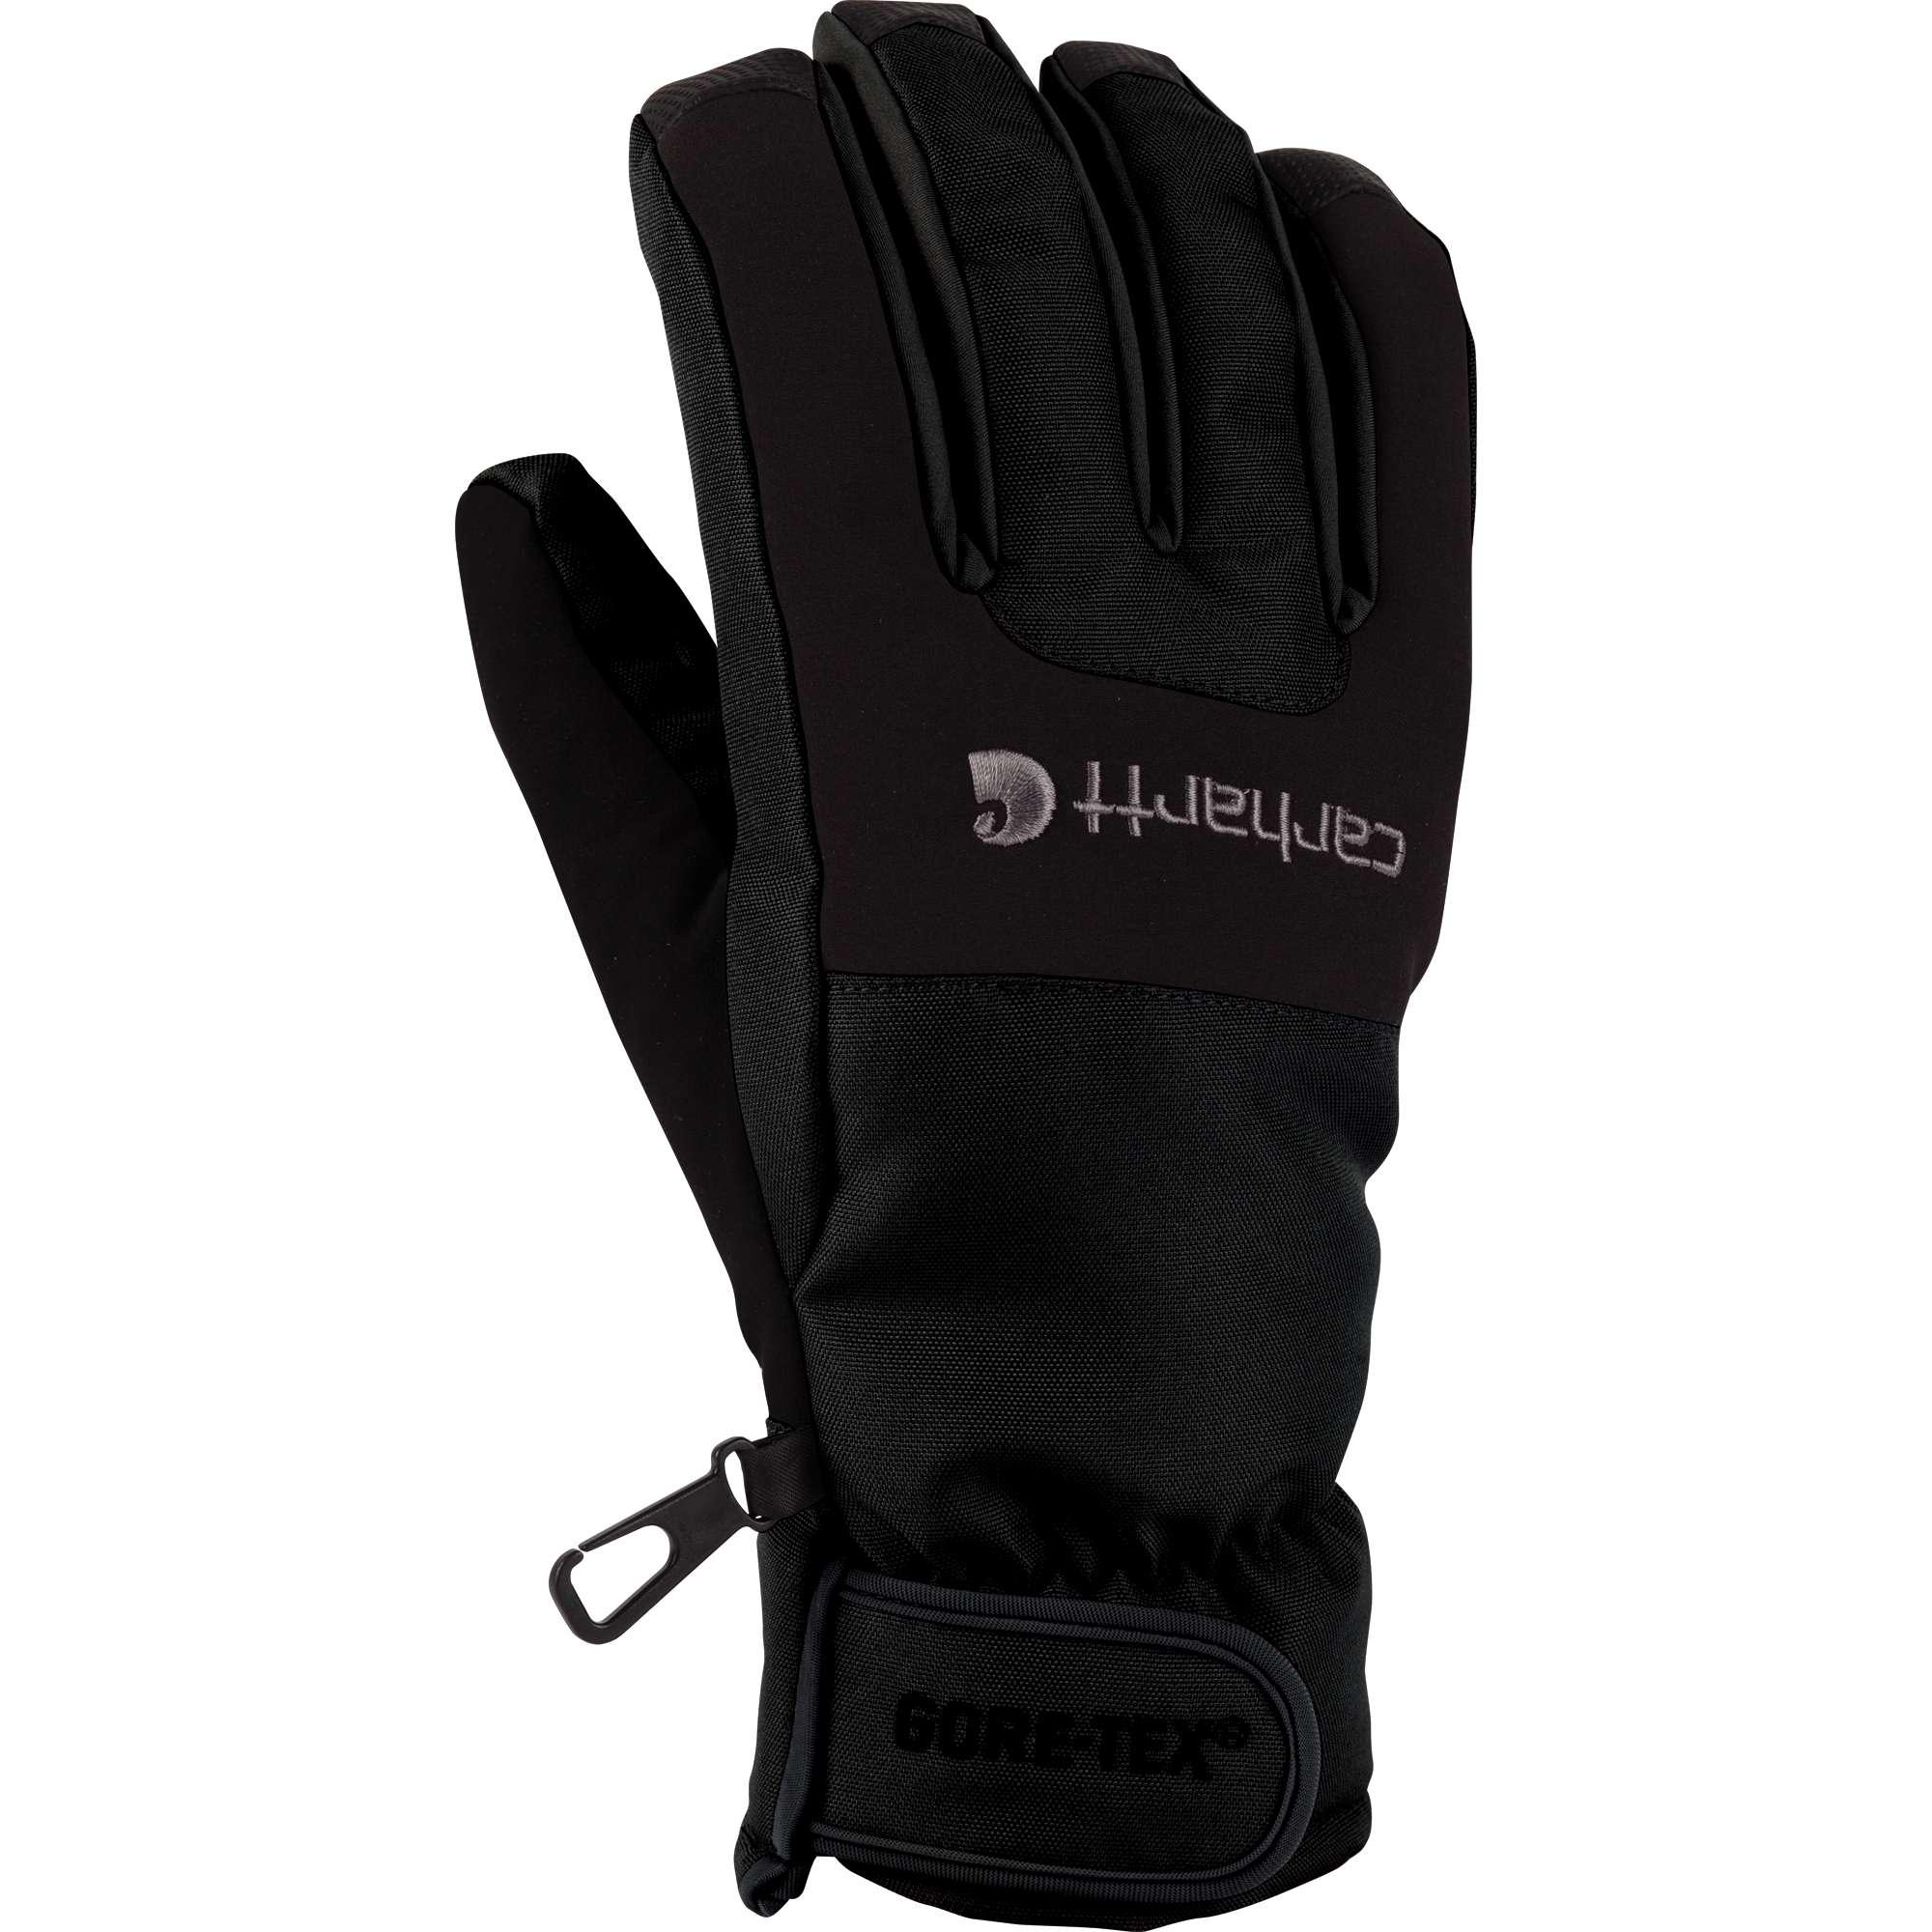 Carhartt Storm Glove